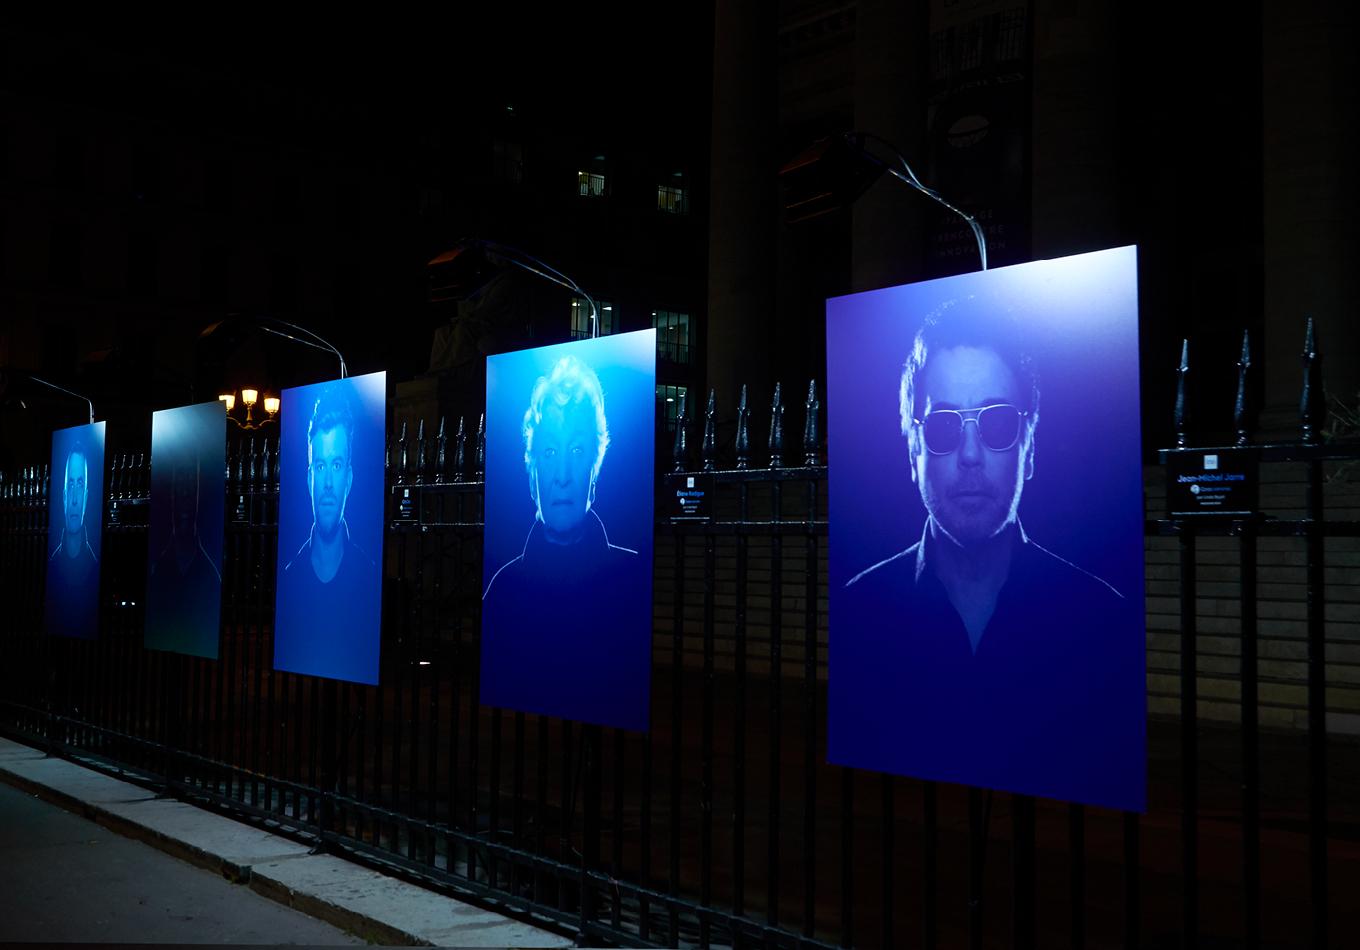 portrait de famille contemporain - INA - Inasound - exposition photographique grilles du palais Brongniart - GRM - corps sonores pièce sonore